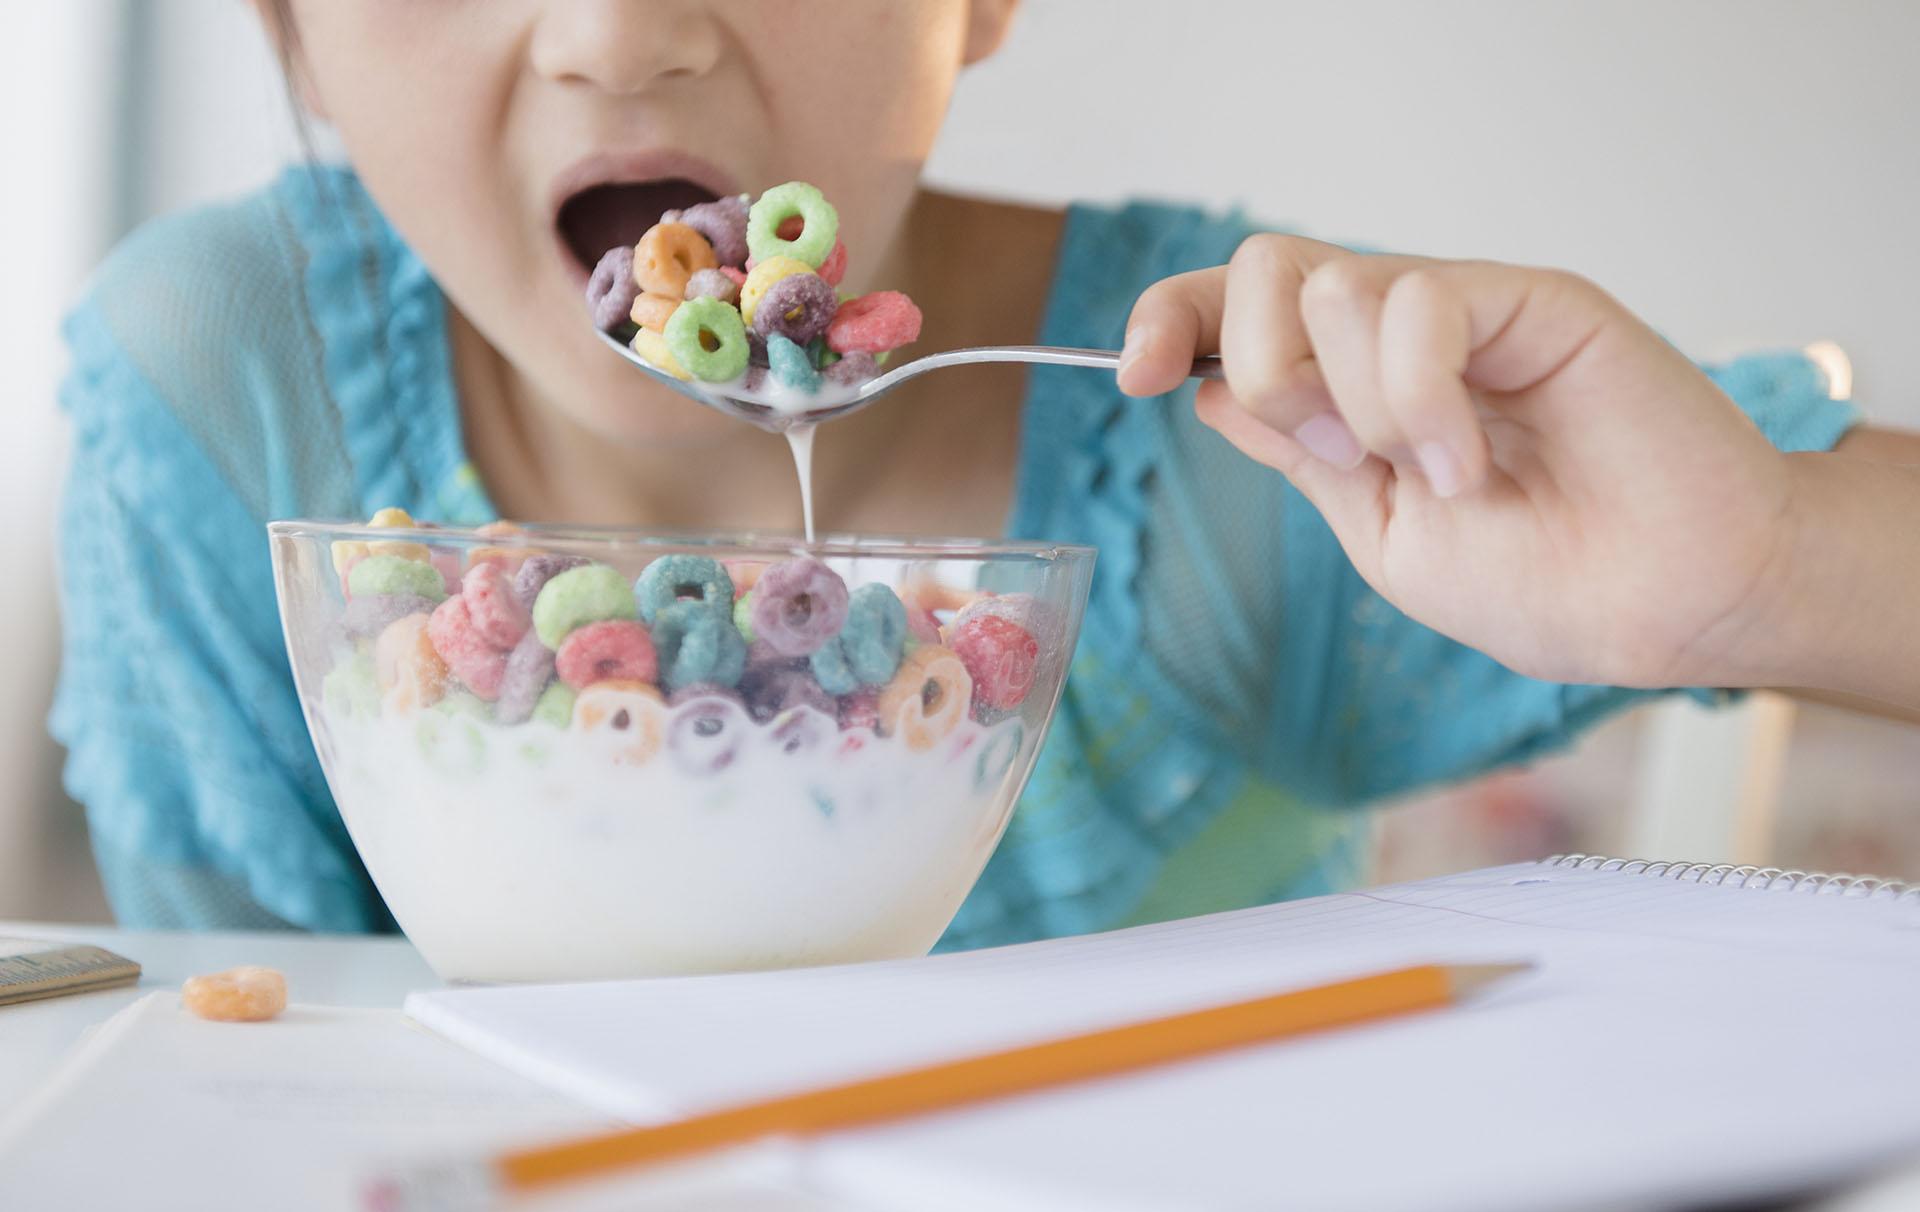 Parents urged to cut children's sugar intake